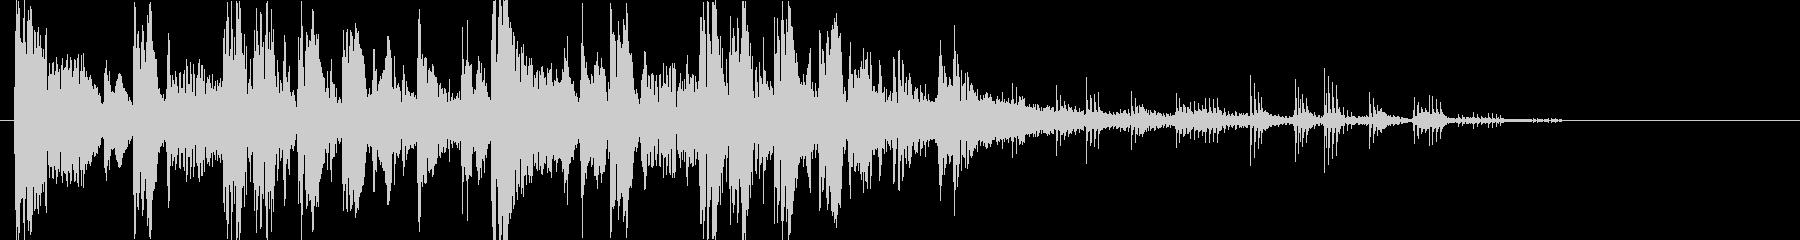 重低音&パワフルなエレクトロニックロゴの未再生の波形